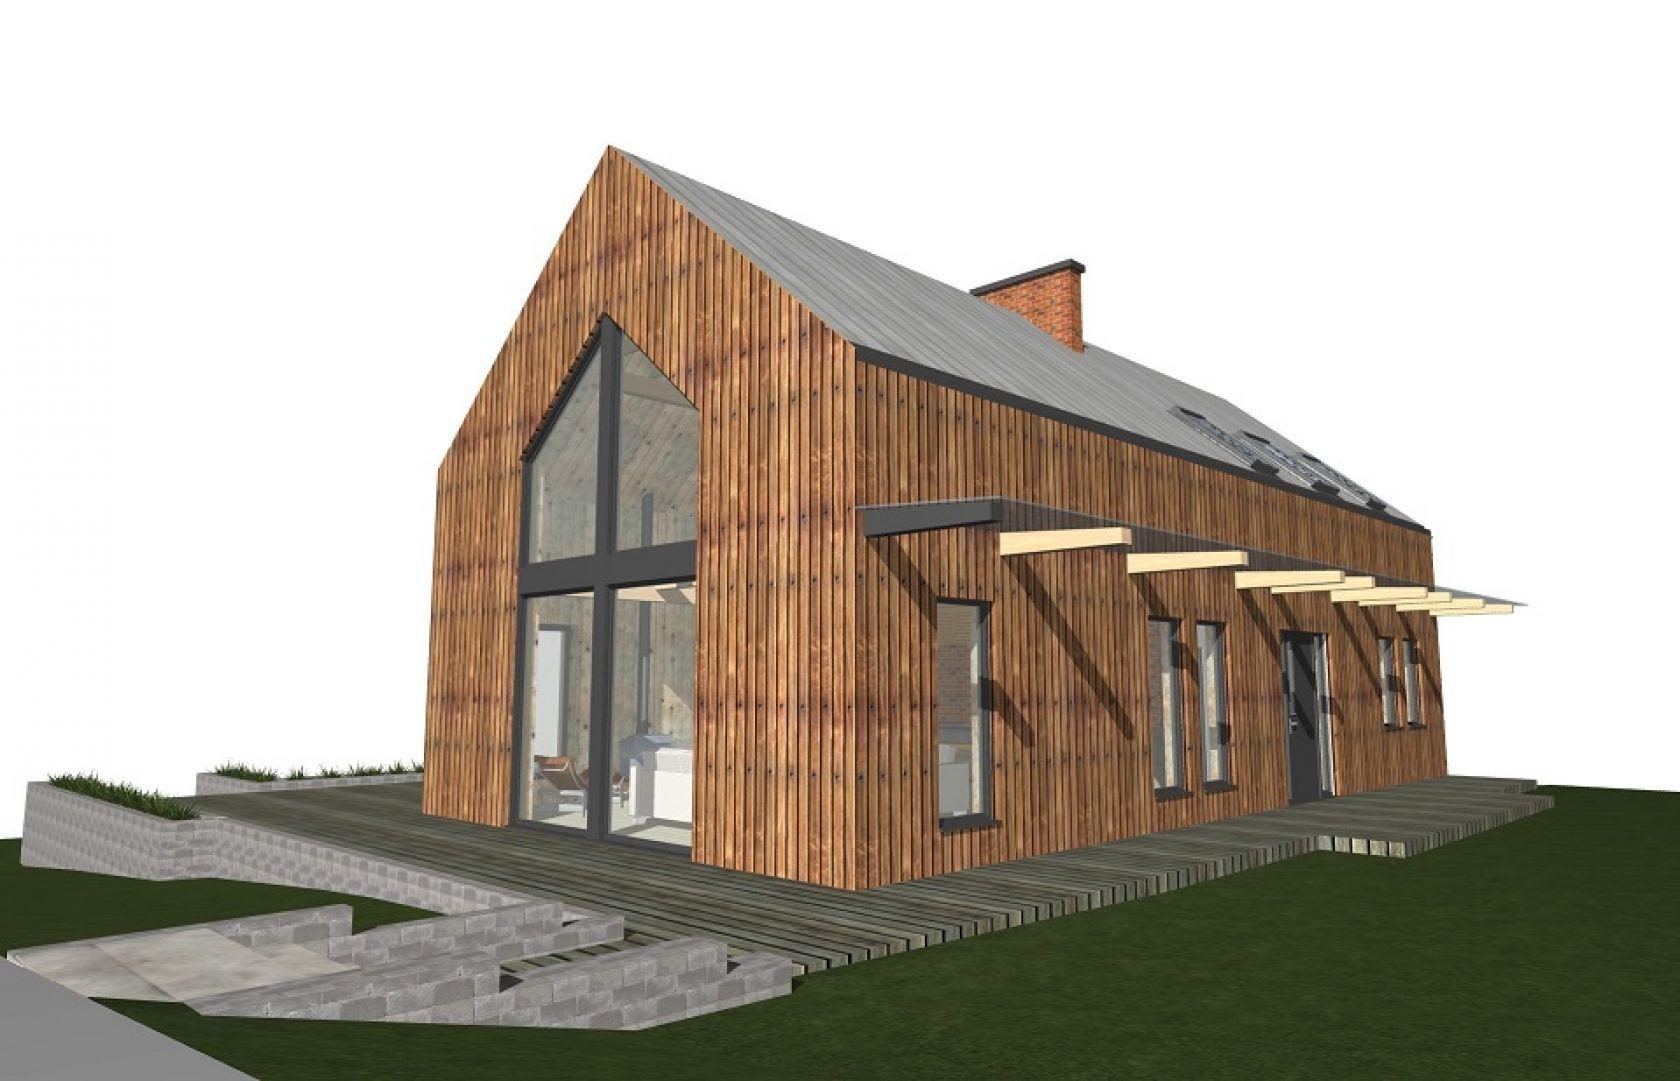 Zlecę budowę niedużego domu w konstrukcji szkieletowej drewnianej, z częściowym podpiwniczeniem